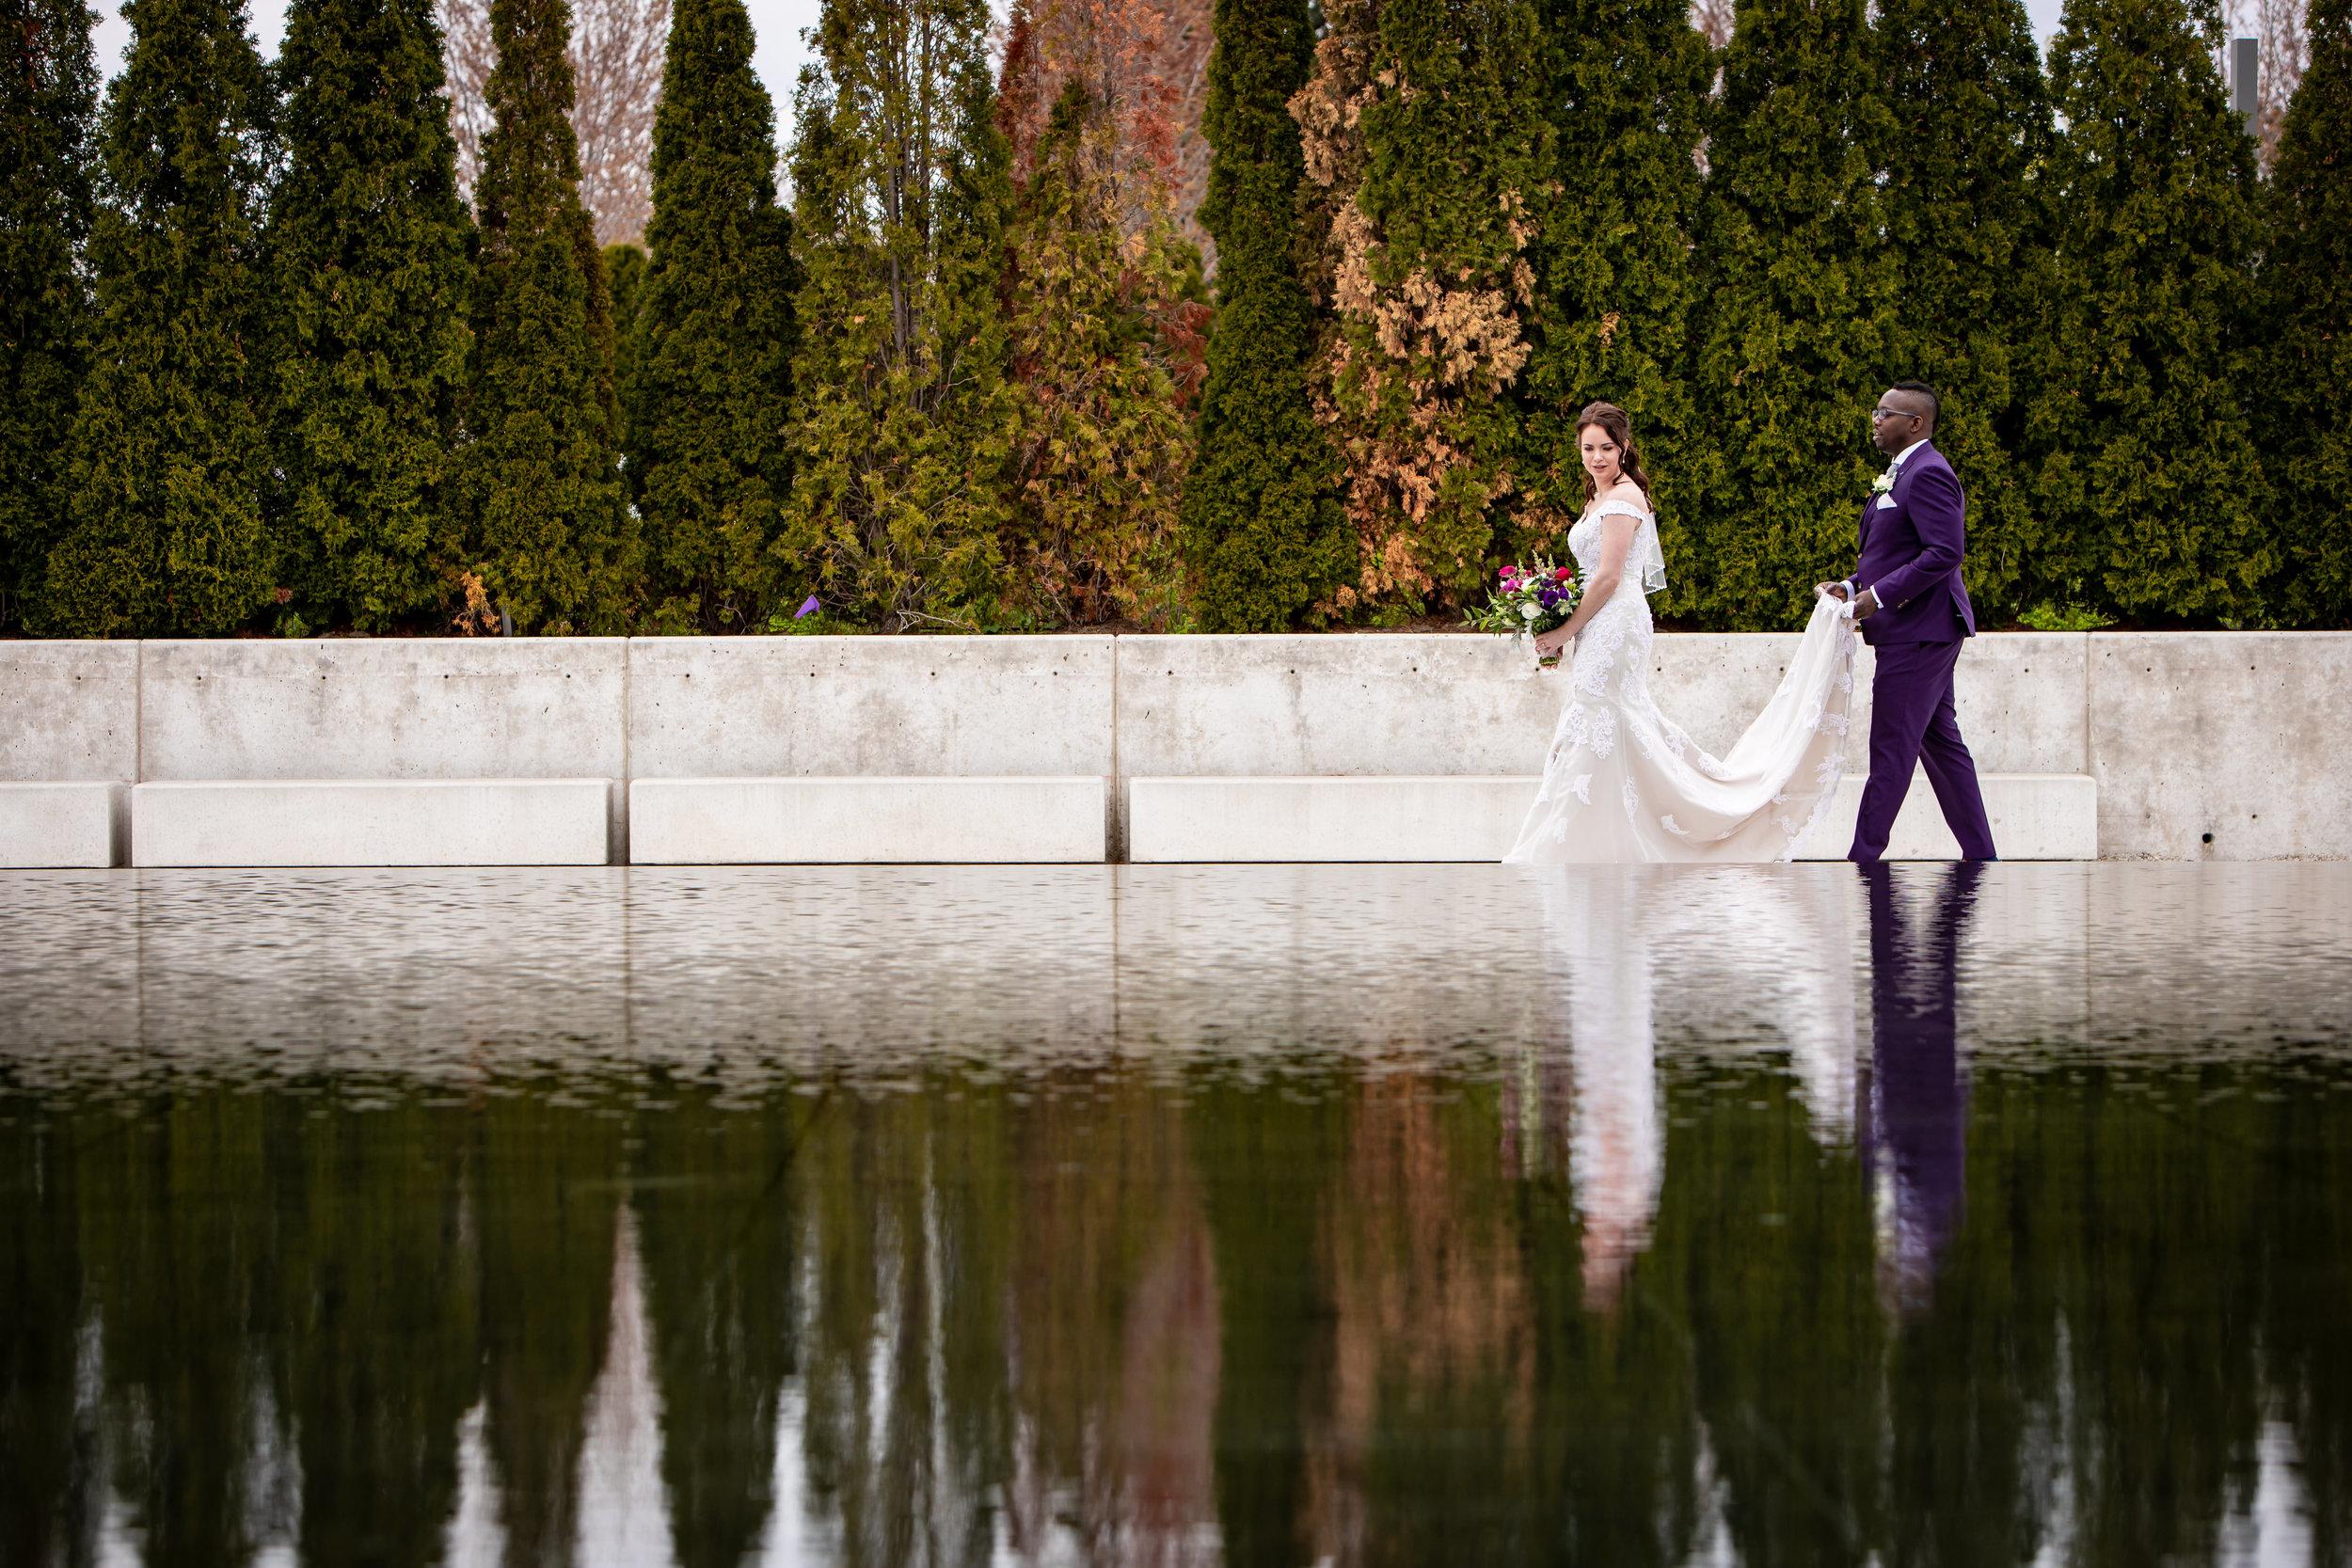 YMG-wedding-photos-30.jpg